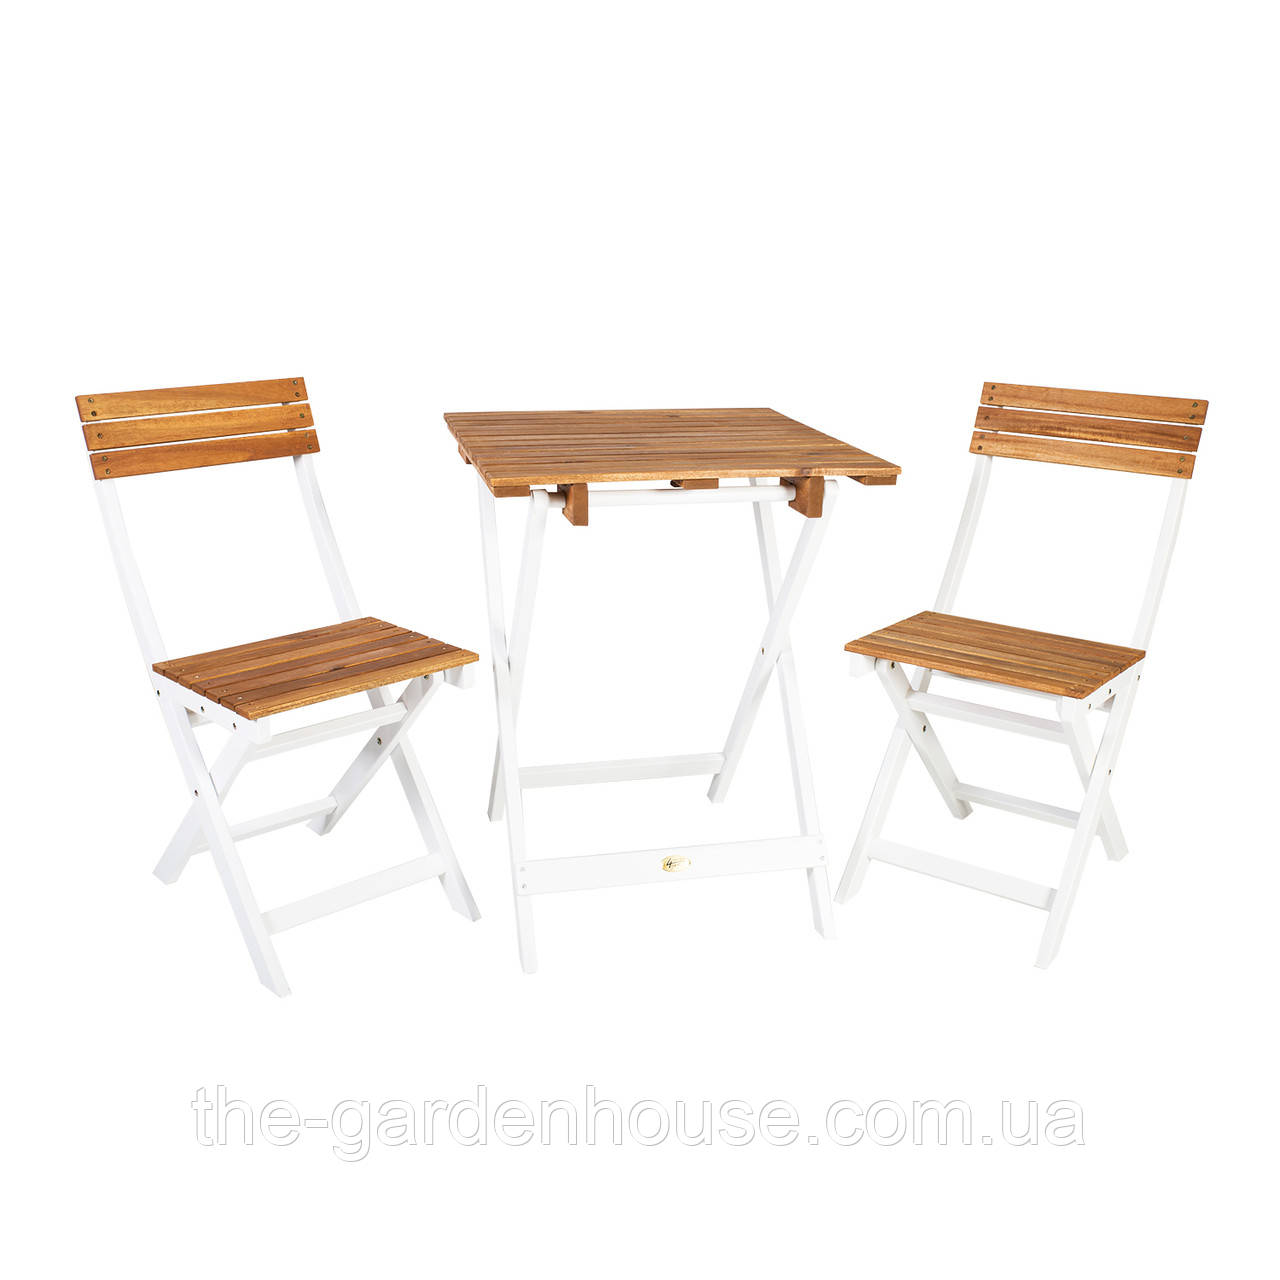 Двухместный набор садовой мебели из дерева акации складной